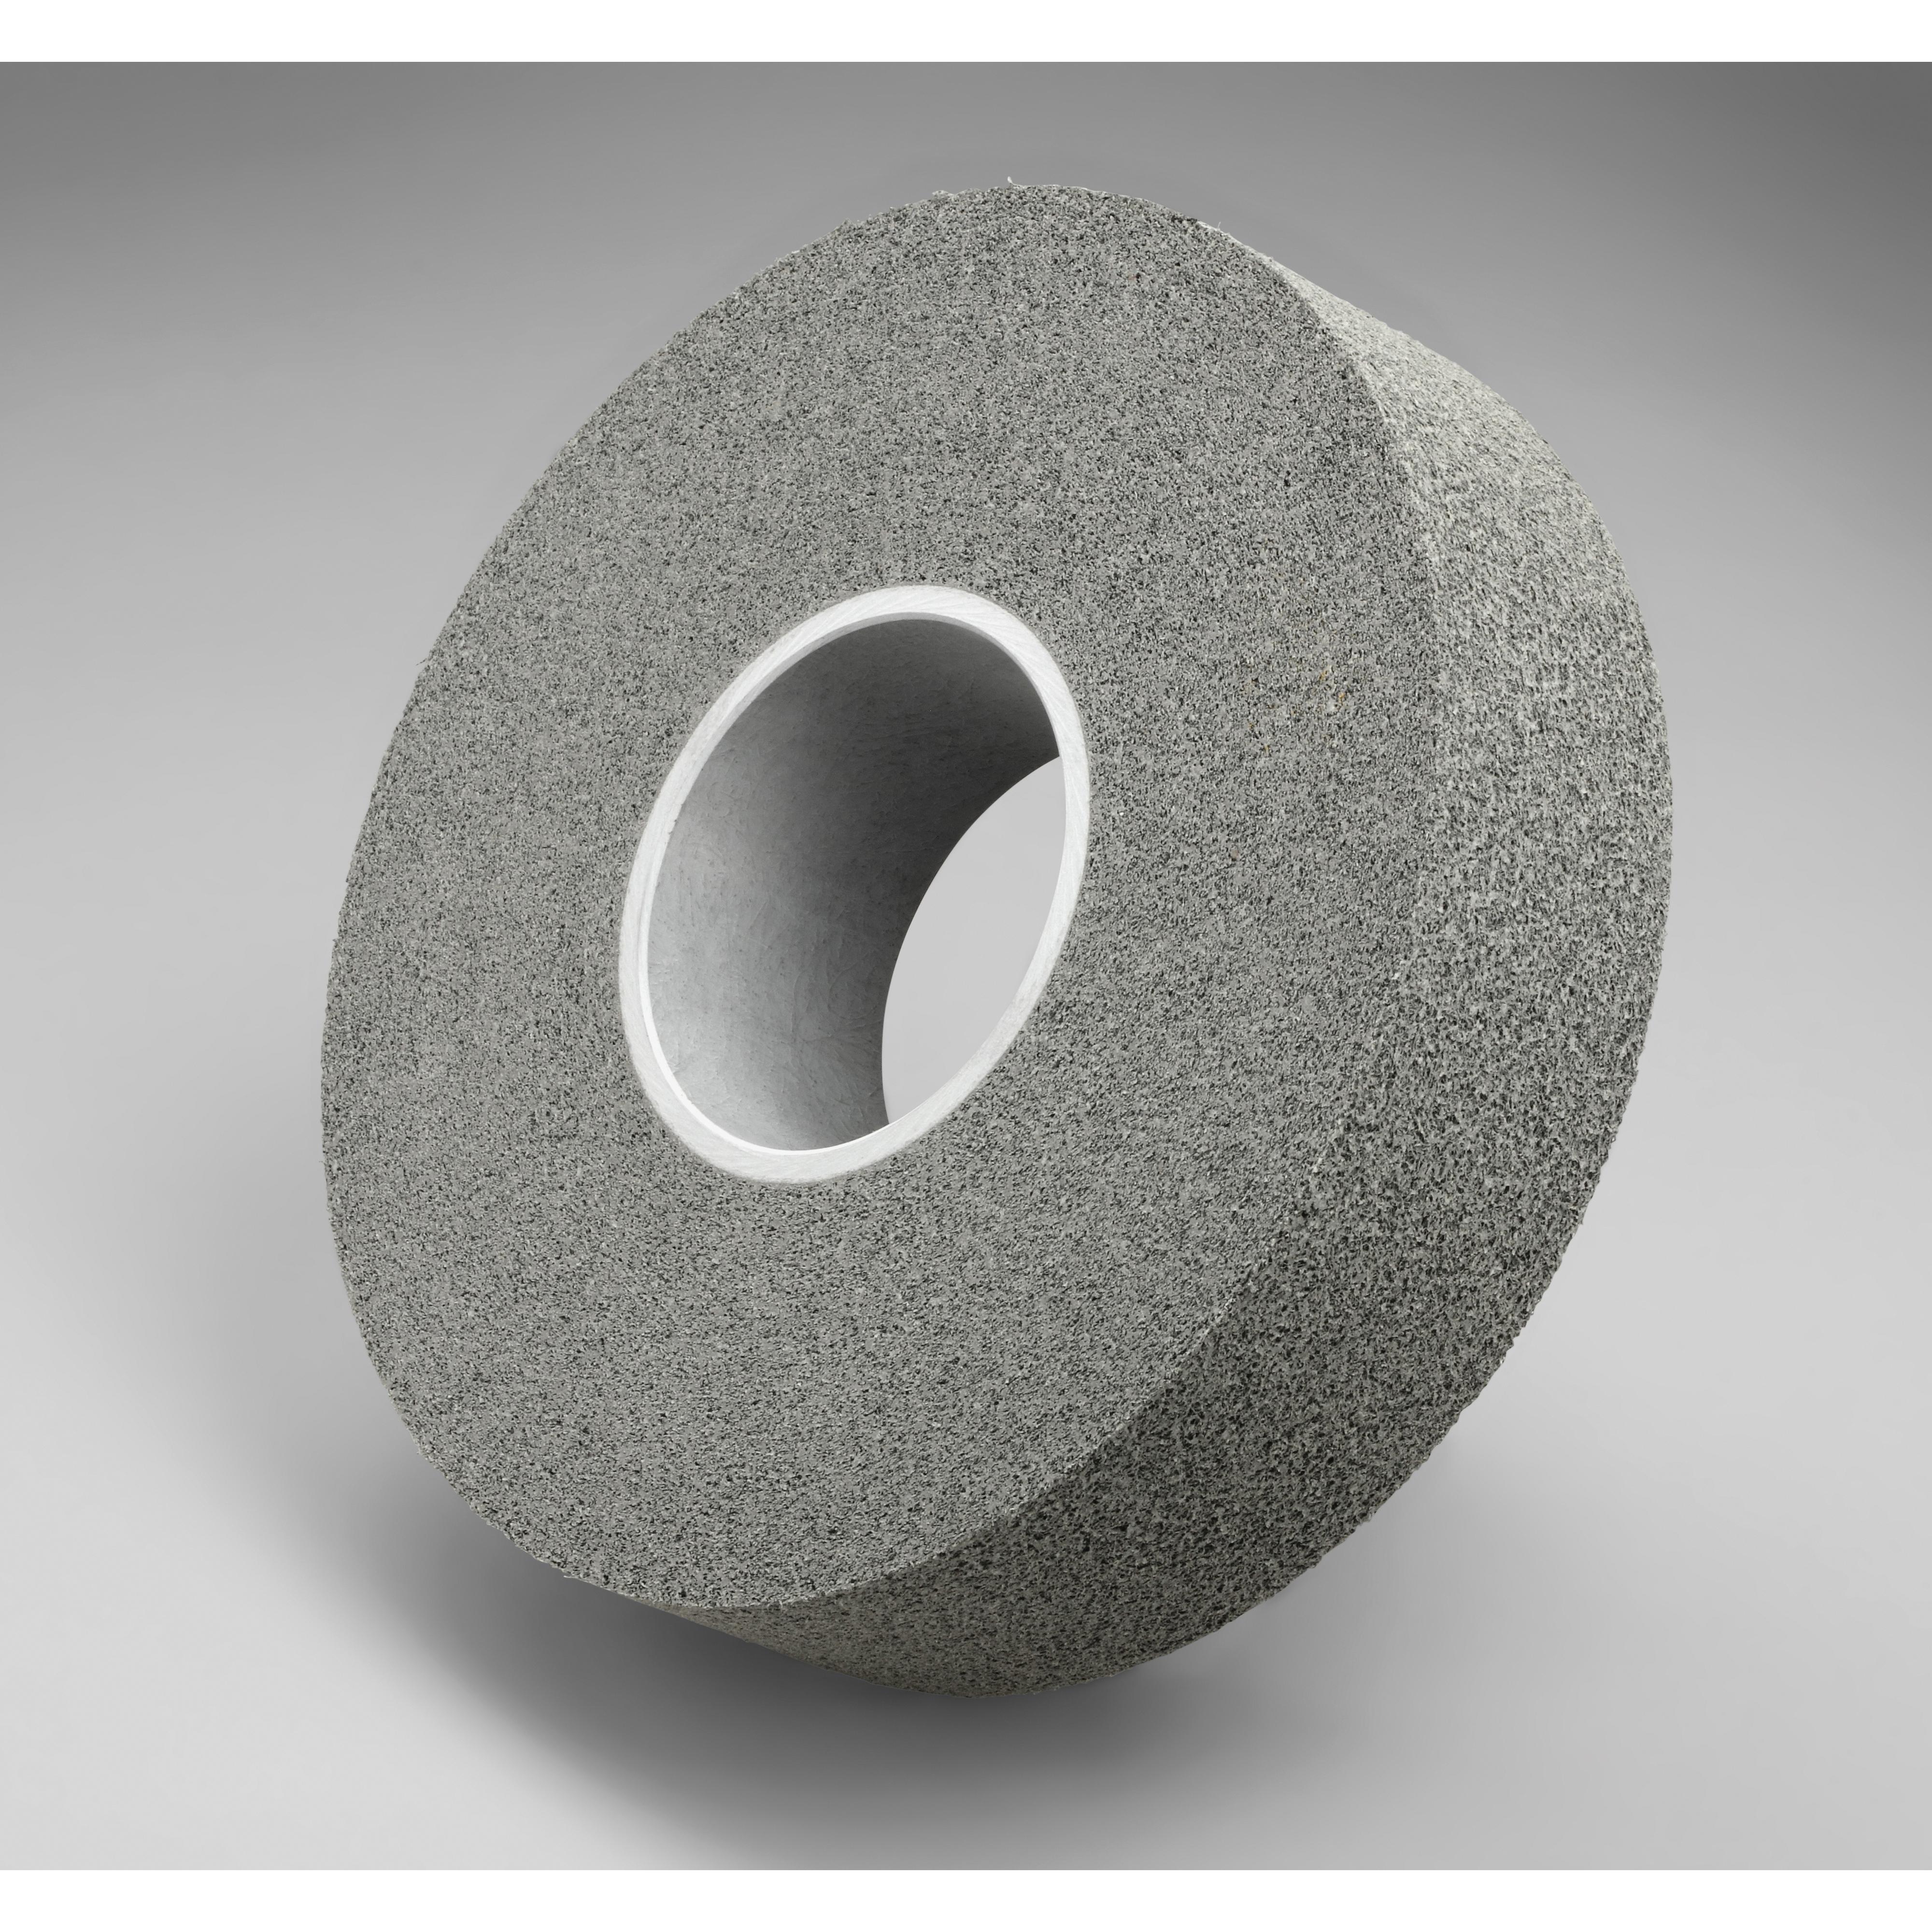 Scotch-Brite™ 048011-01675 LD-WL Convolute Light Deburring Wheel, 6 in Dia Wheel, 1 in Center Hole, 1 in W Face, Fine Grade, Silicon Carbide Abrasive